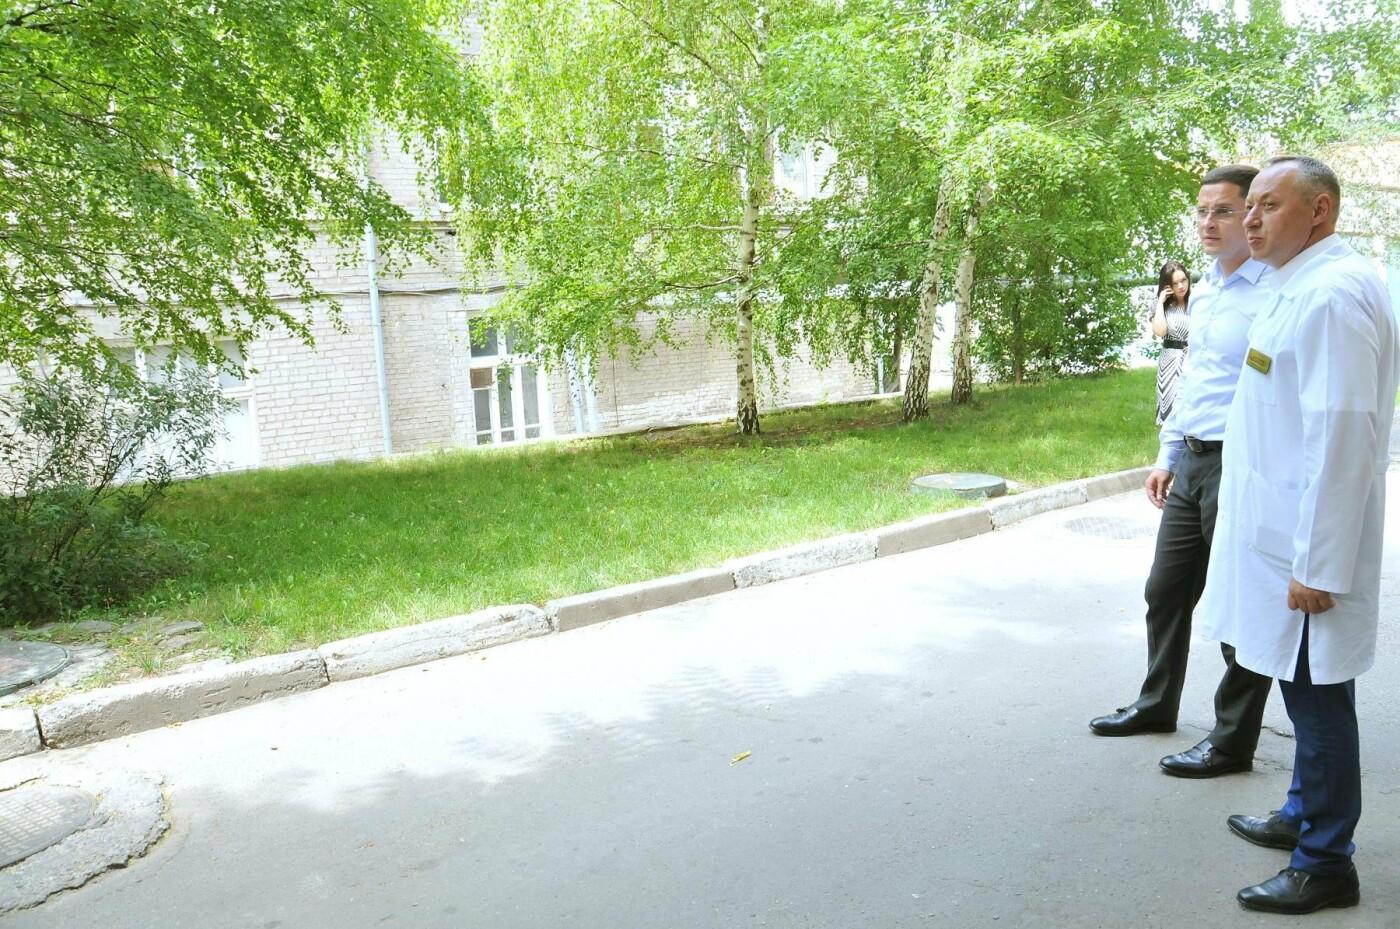 Владислав Марченко: Через месяц в областной детской больнице начнется демонтаж и строительство нового хирургического блока, фото-13